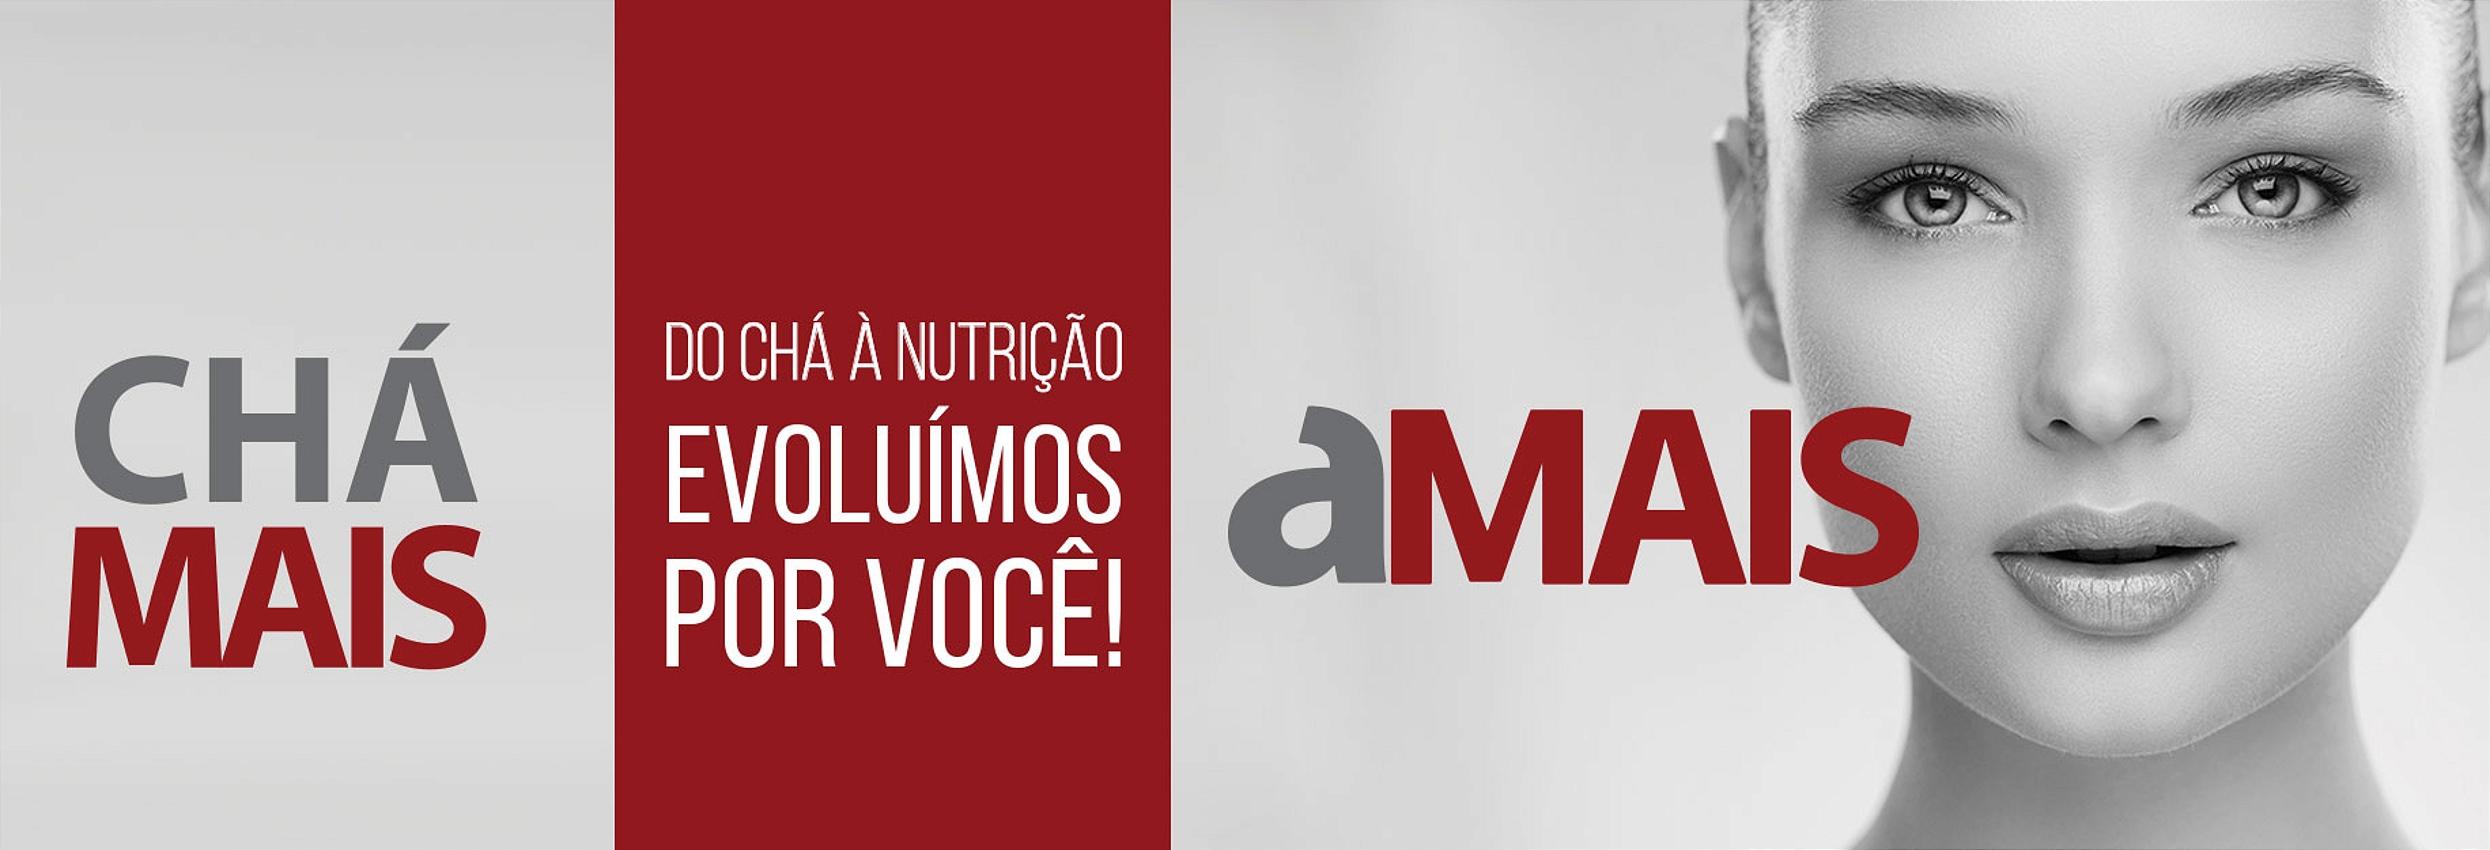 Marca - ChaMais